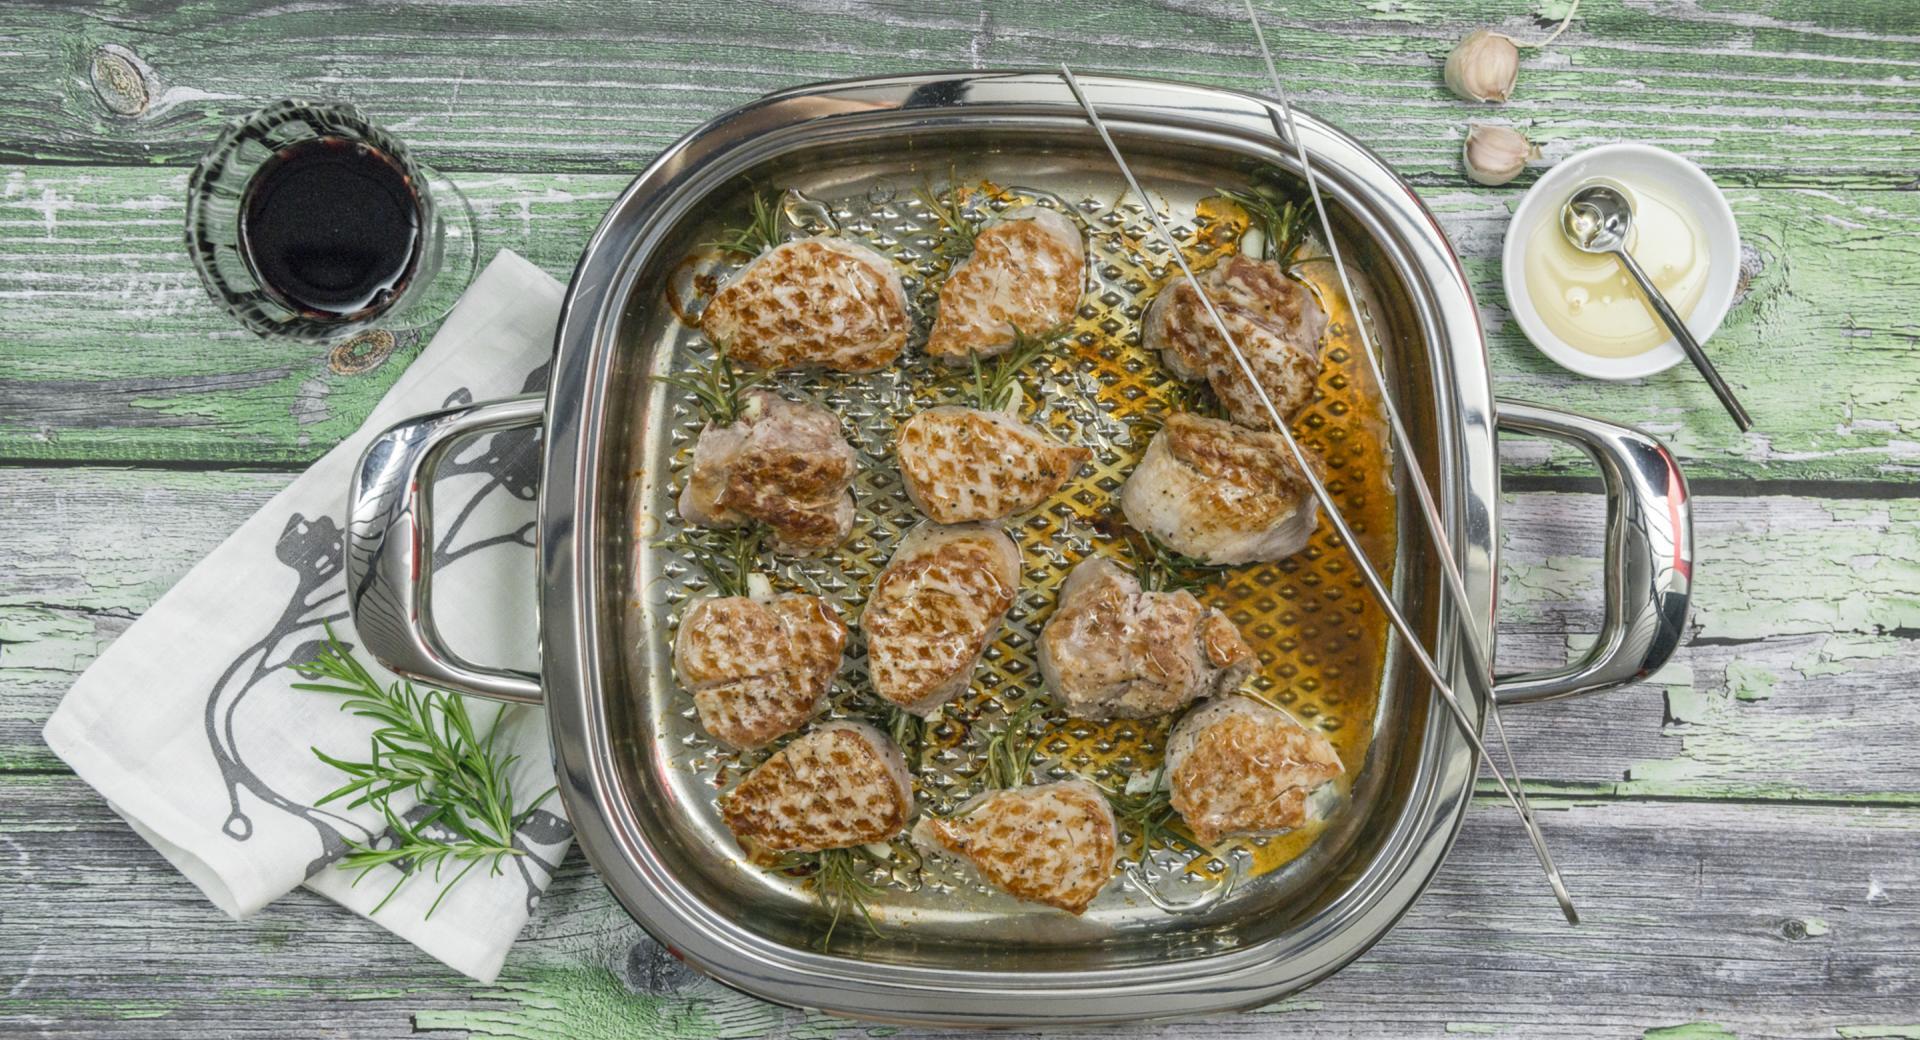 Medaglioni di rosmarino e miele